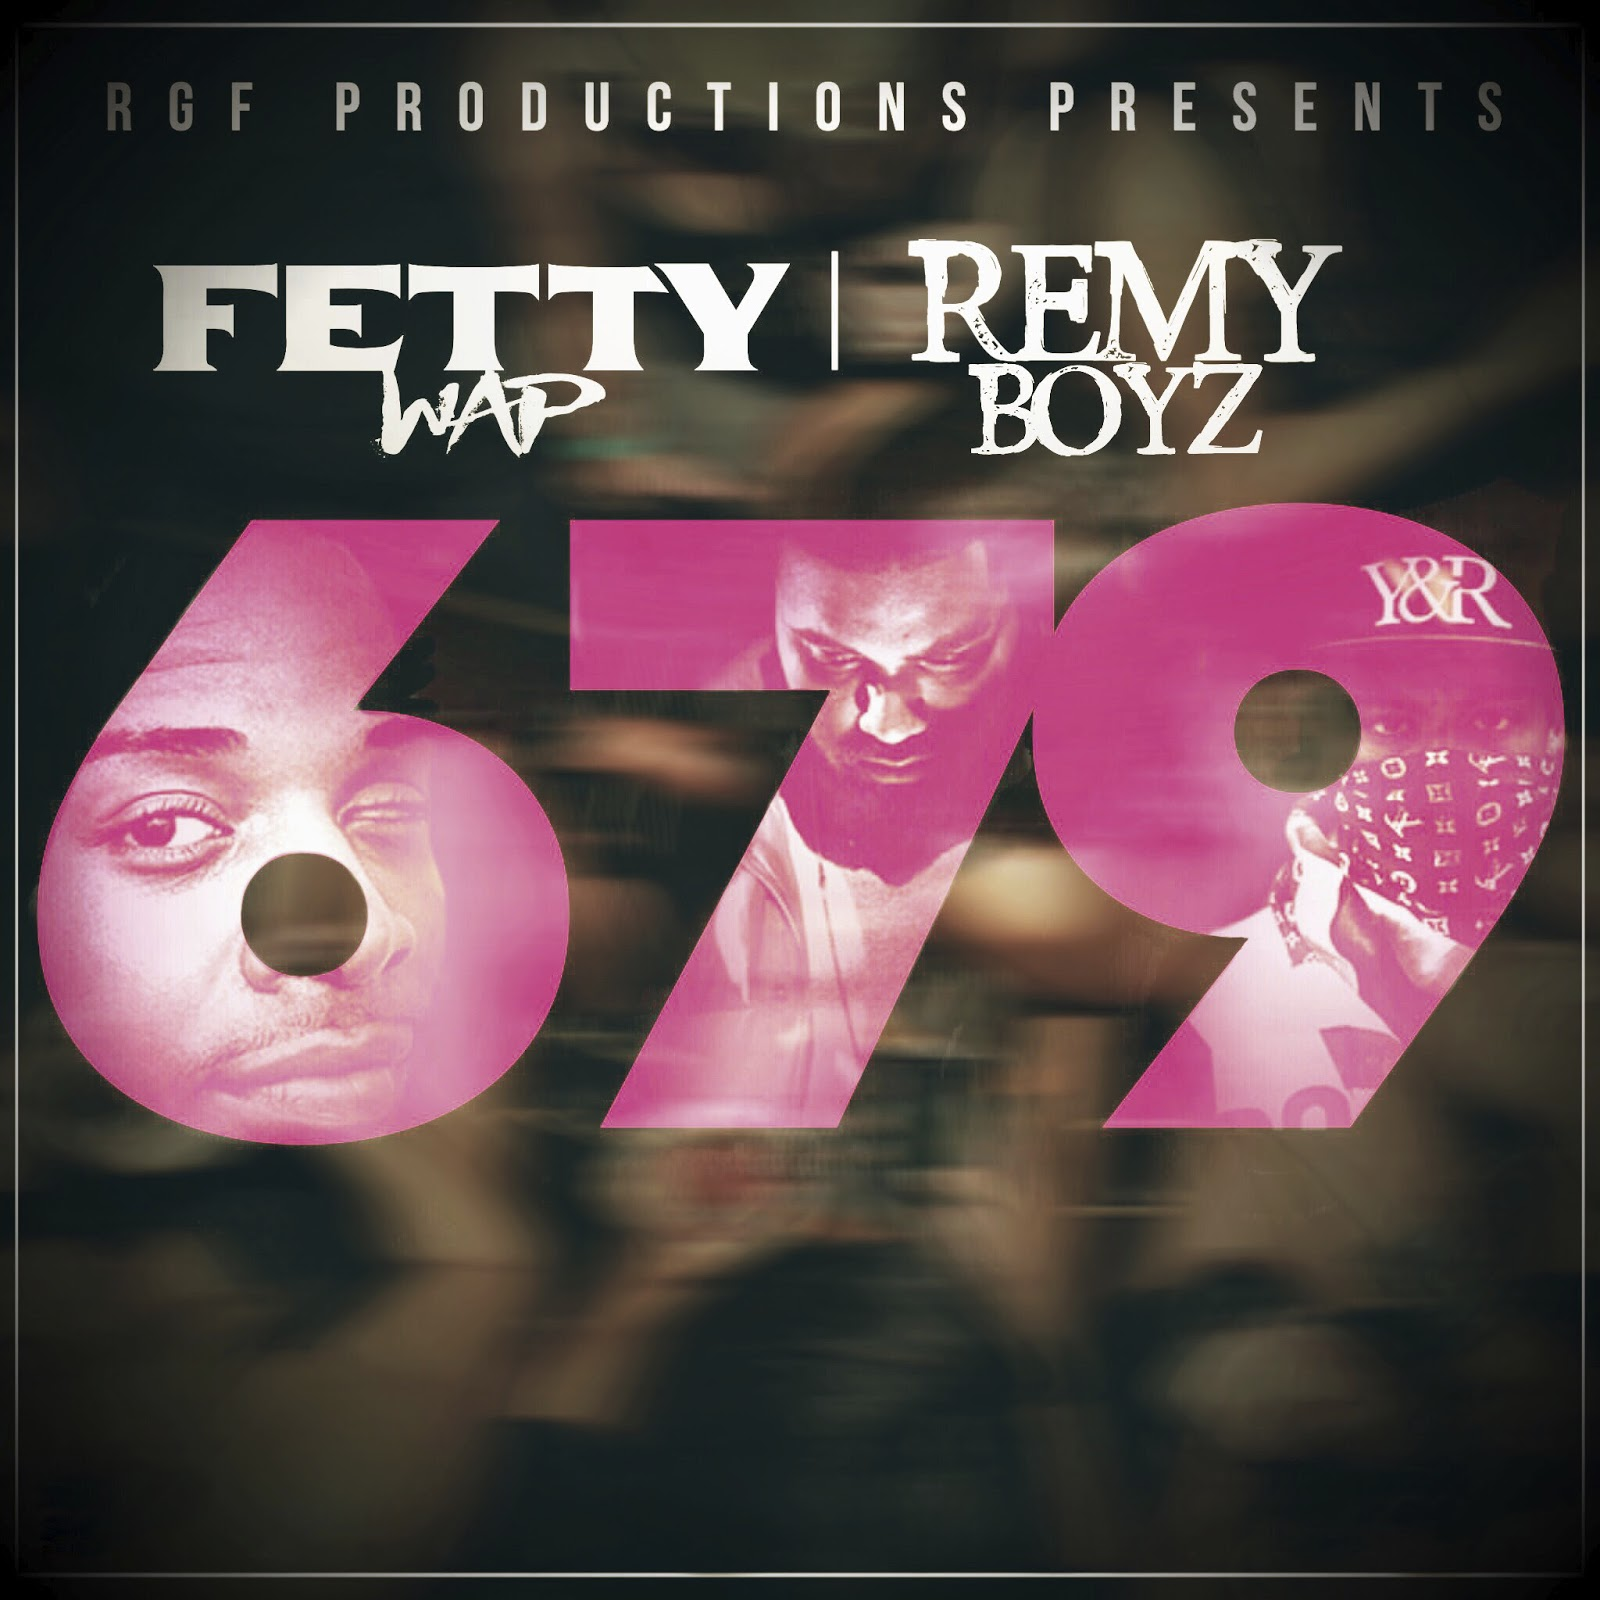 Fetty Wap - 679 f/ Remy Boyz (Clean / Dirty) - DJ Promos